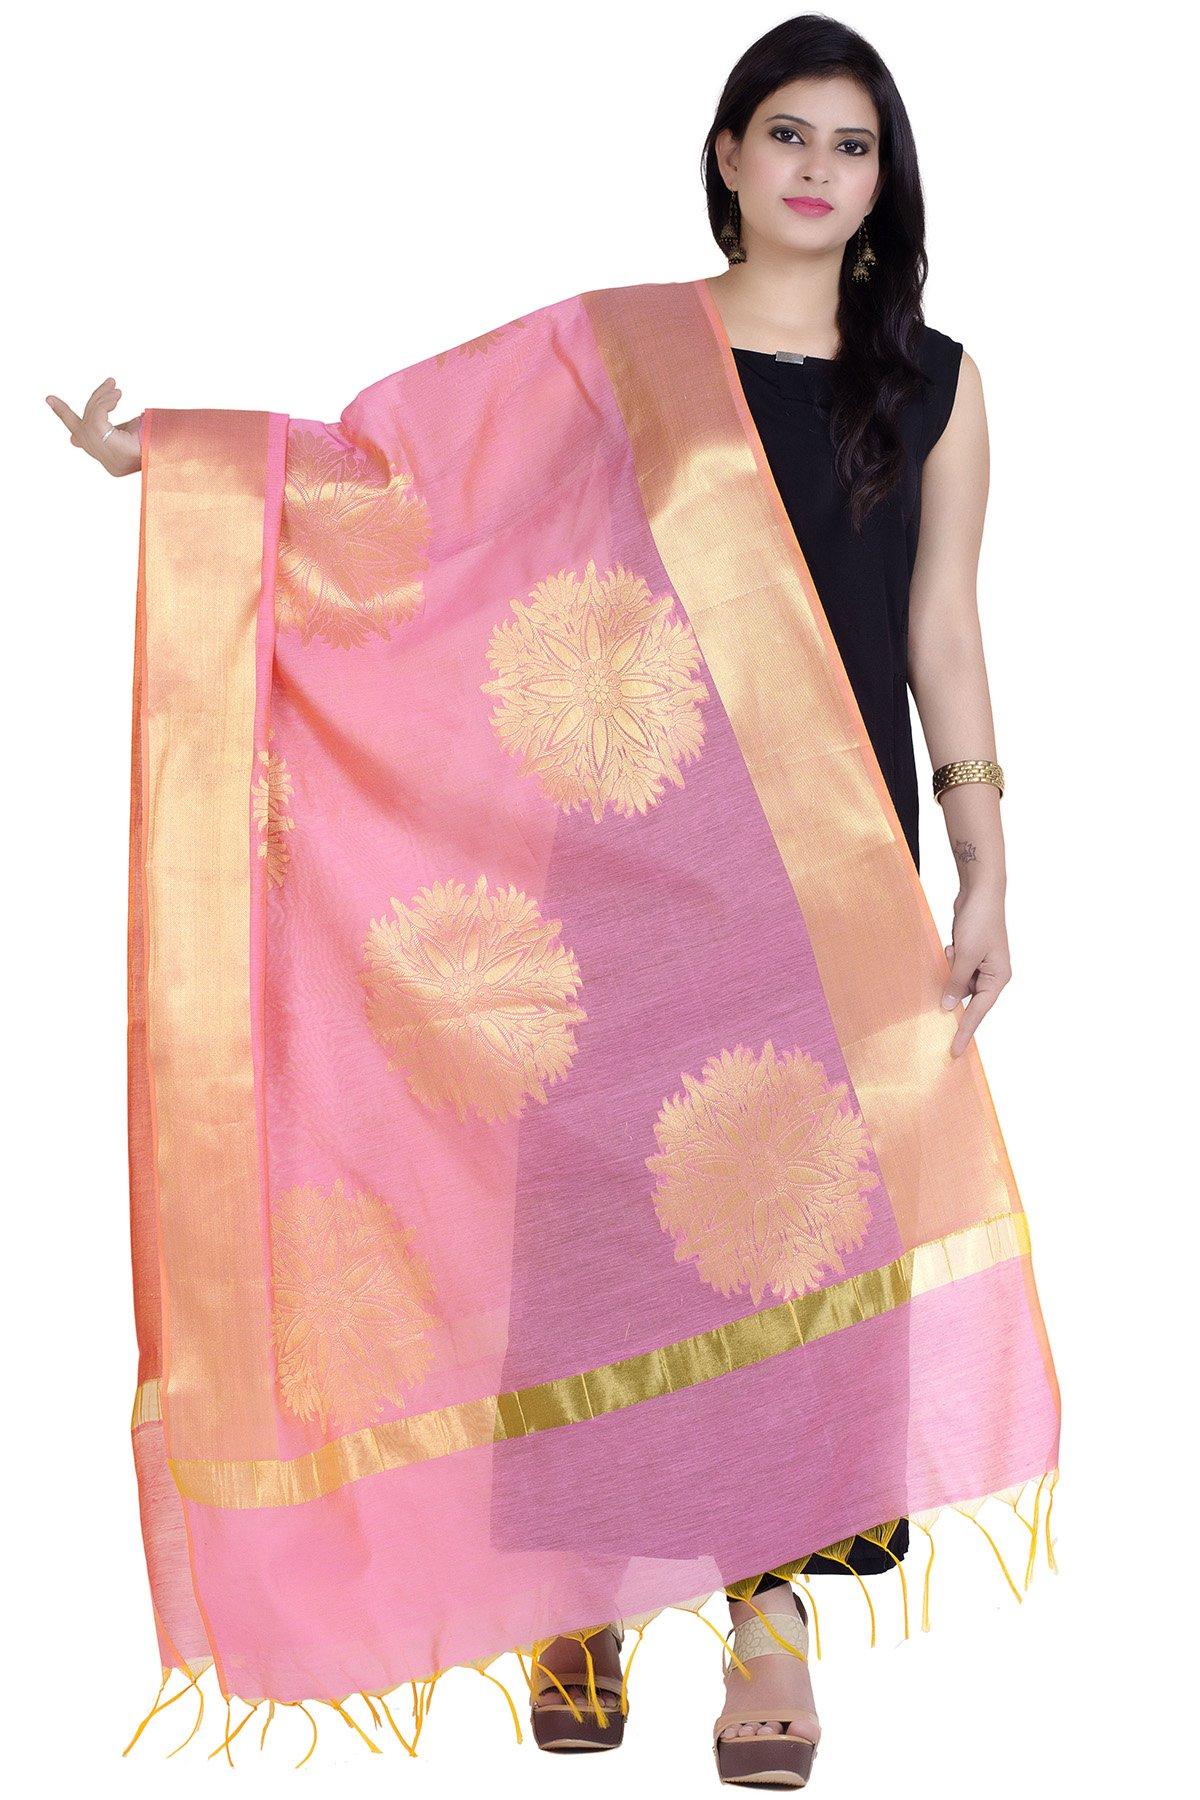 Chandrakala Women's Handwoven Zari Work Banarasi Dupatta Stole Scarf (Pink)